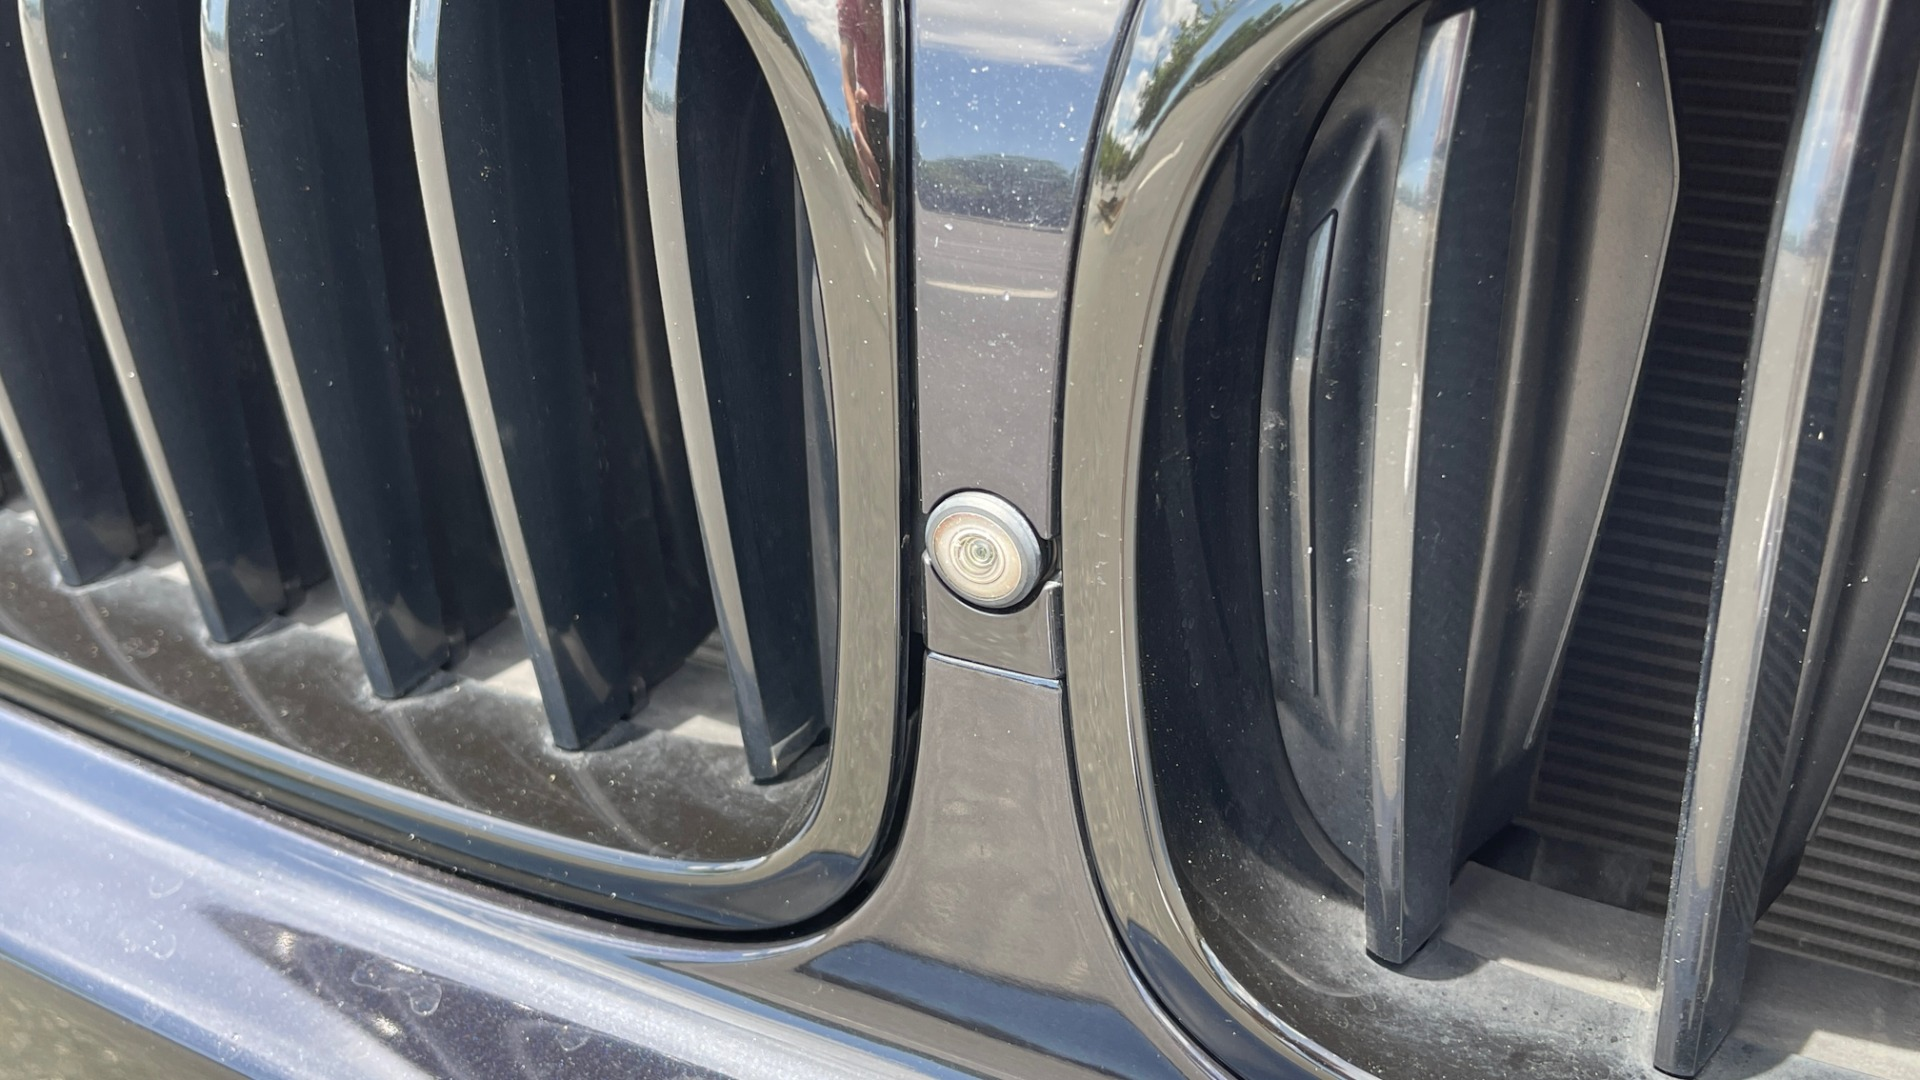 Used 2018 BMW 5 SERIES 540I M-SPORT / EXECUTIVE PKG / DRVR ASST PKG / BLIND SPOT / LANE DEPART for sale $40,995 at Formula Imports in Charlotte NC 28227 17